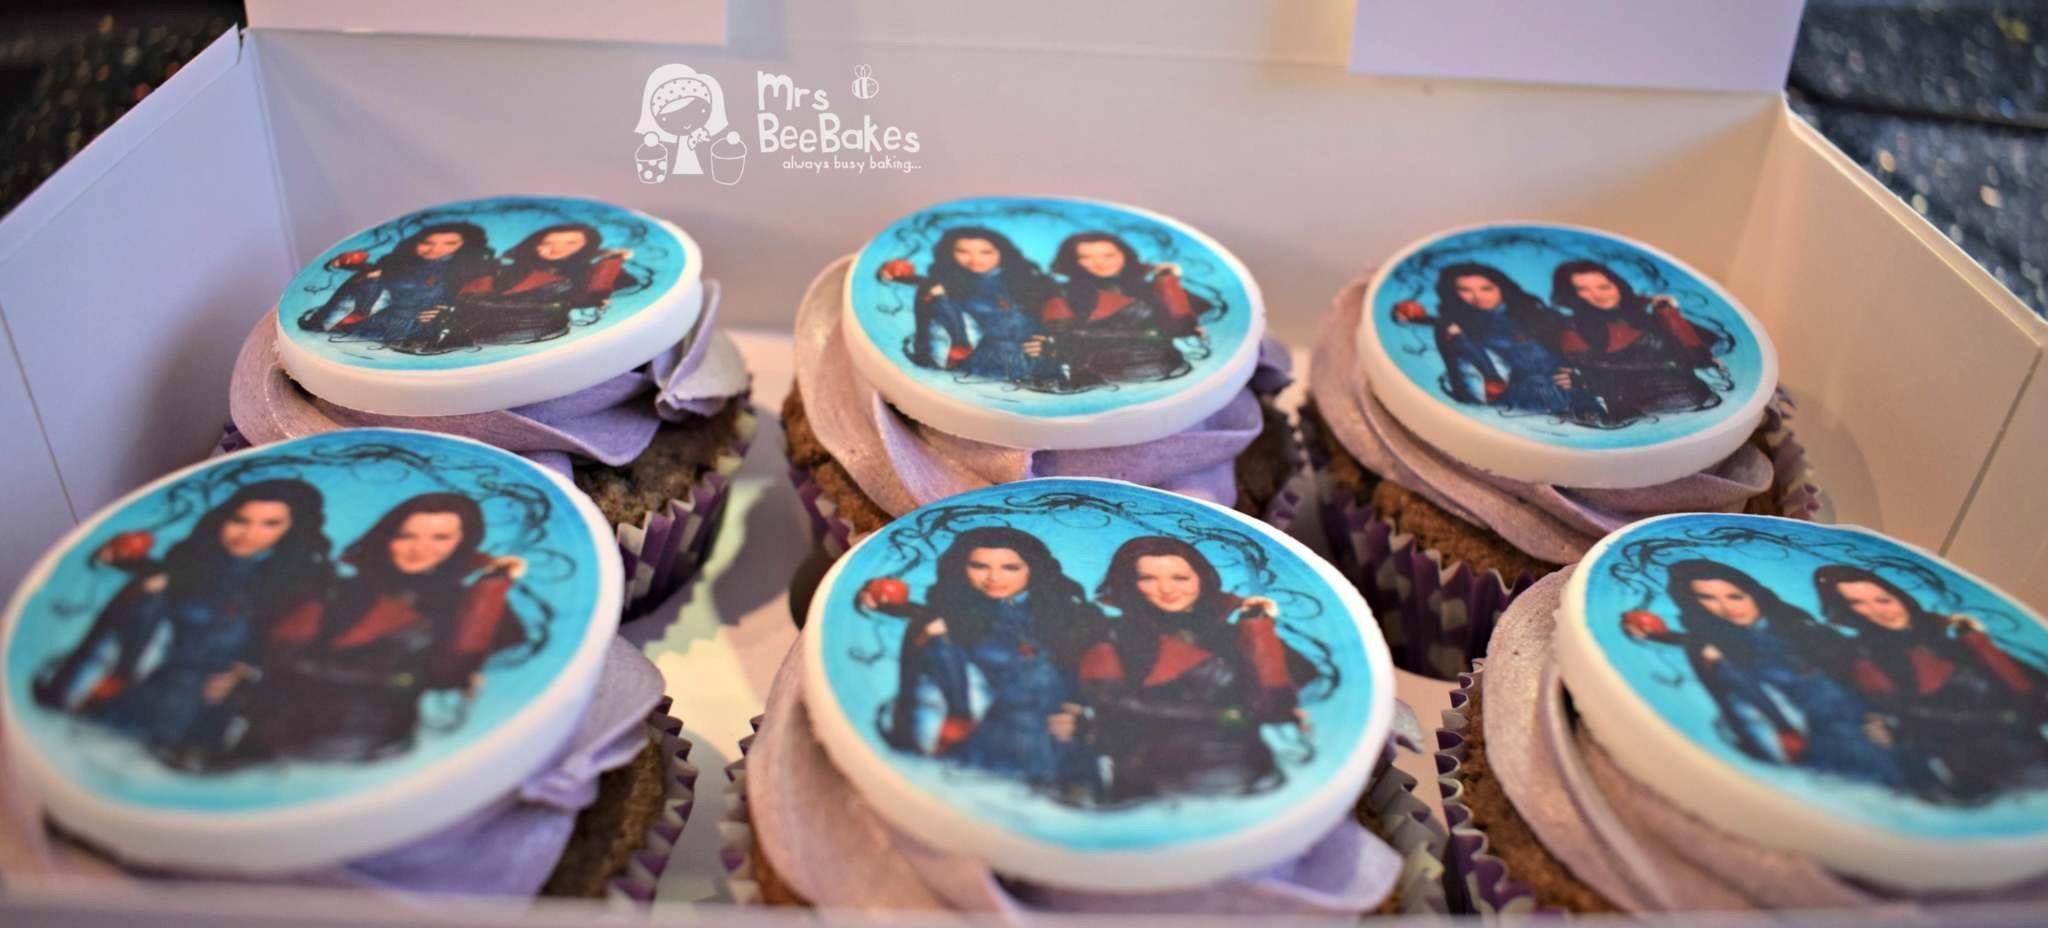 Descendants cupcakes cupcakes desserts little bites